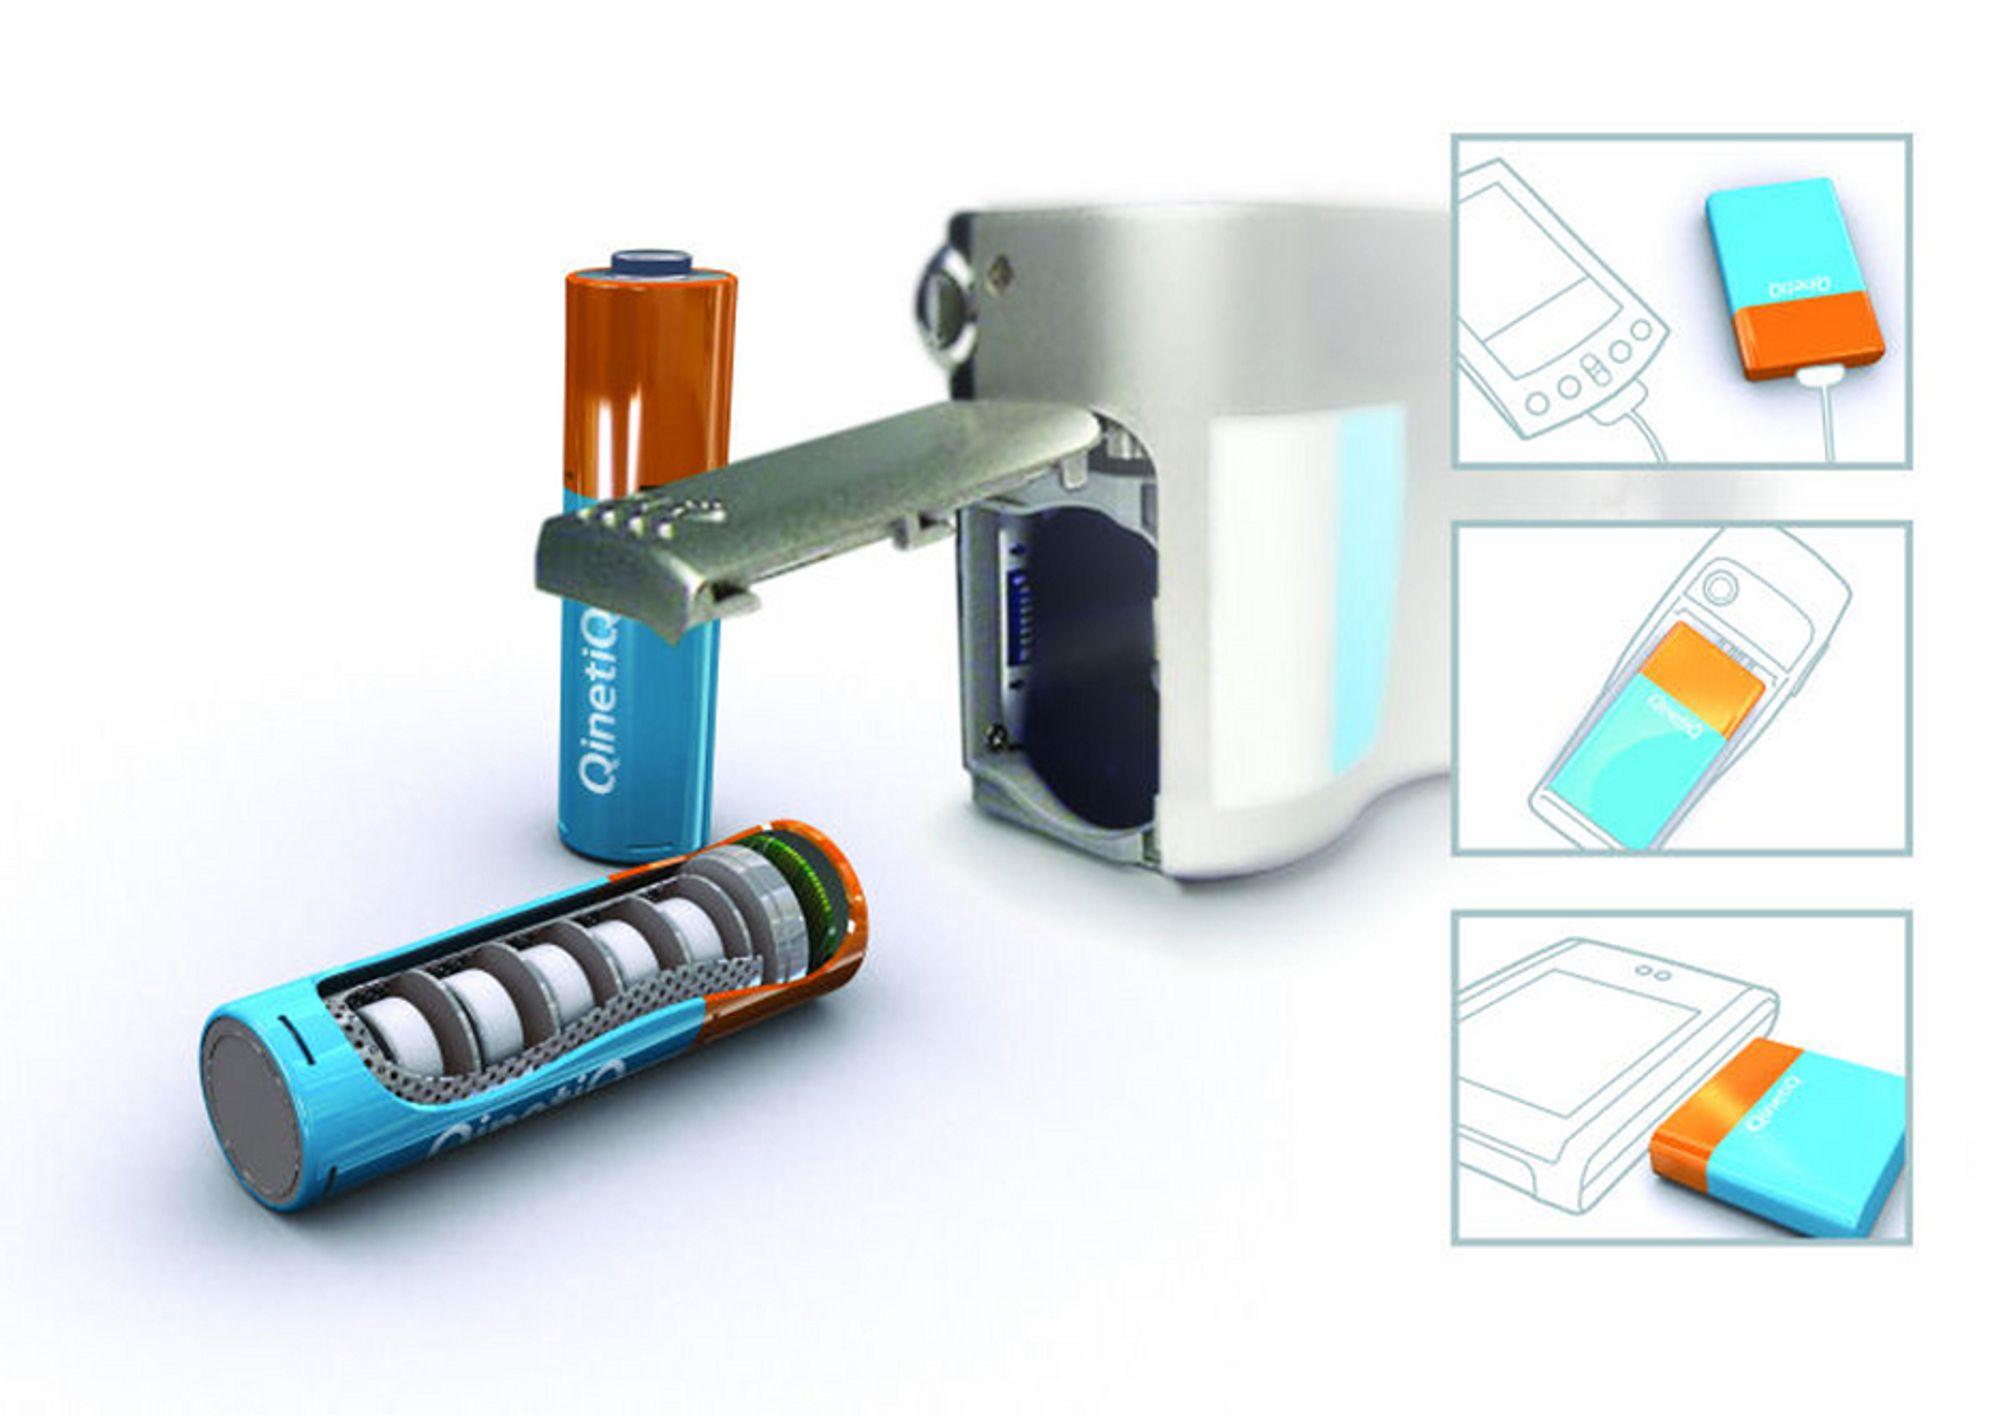 ALT I ETT: Hydrogentank, brenselcelle og f.eks. en mobiltelefon - en enkel og lett enhet med svært lang brukstid mellom hver fylling. Noe for fremtidens intense informasjonssamfunn, mener Olympus Corporation.